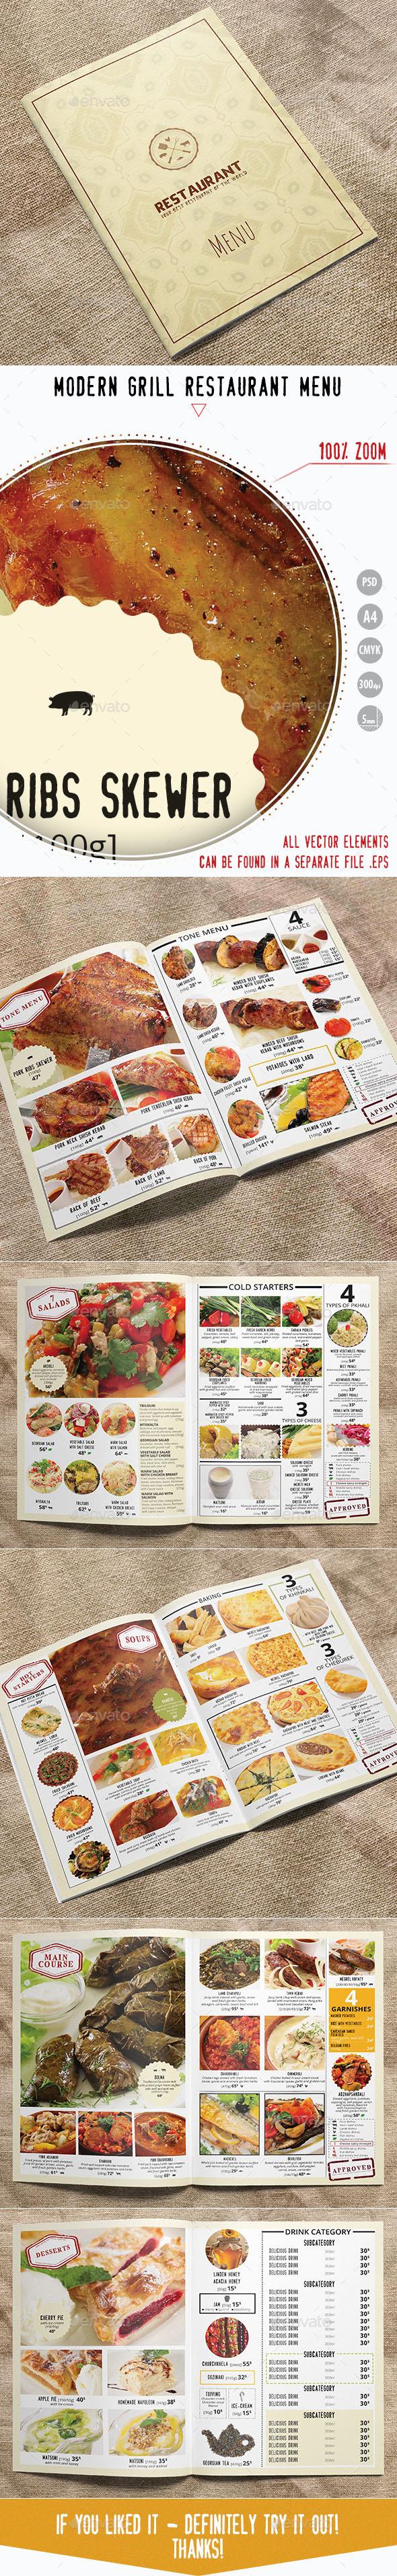 GraphicRiver Modern Grill Restaurant Menu Menu Template 10377872